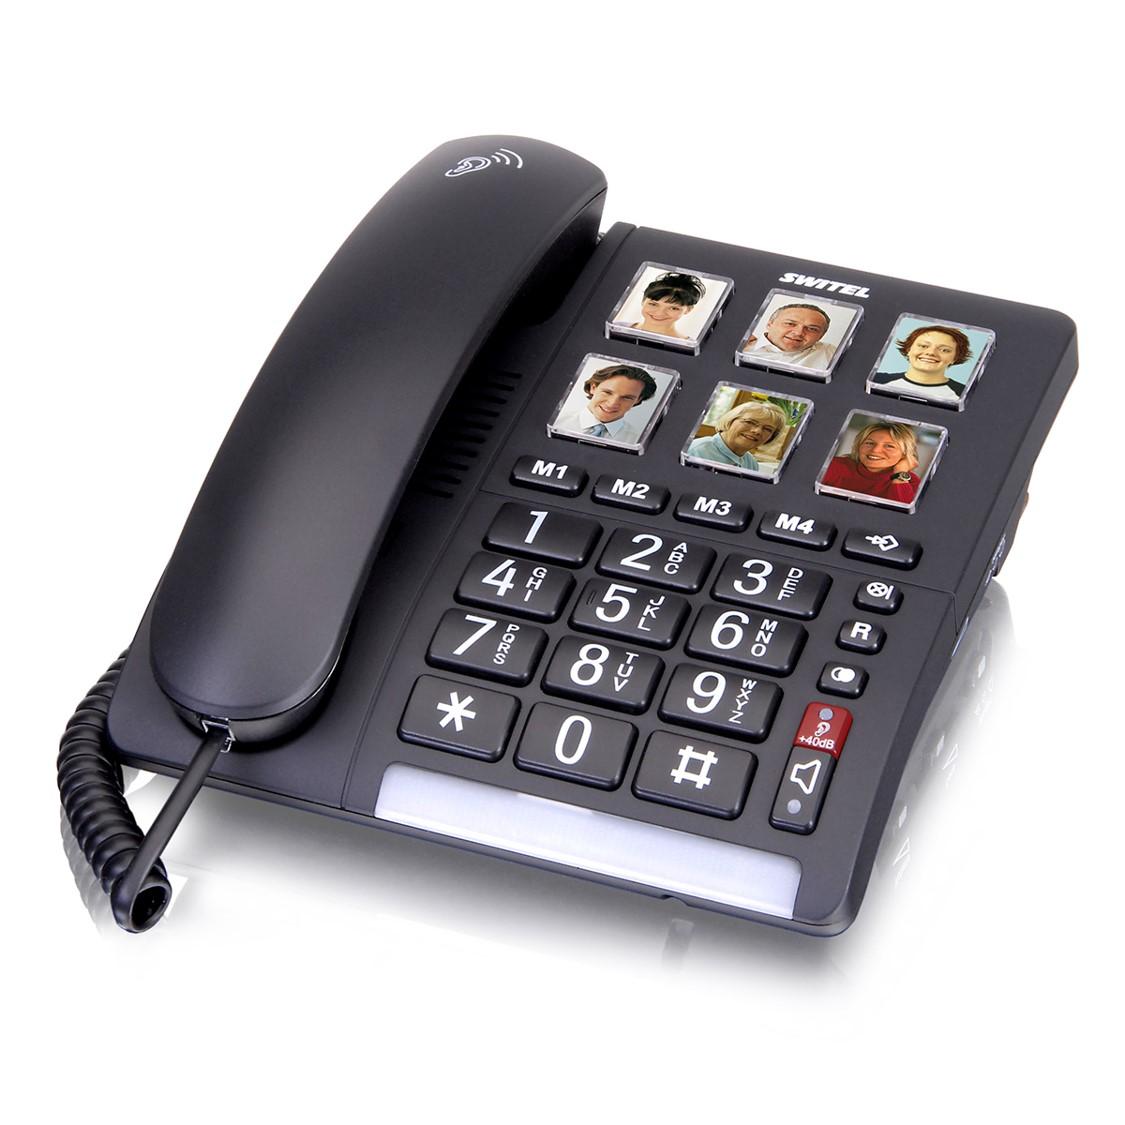 מותג חדש טלפון קווי מותאם לכבדי שמיעה וראיה TF-540 – מדיק גרופ NB-96